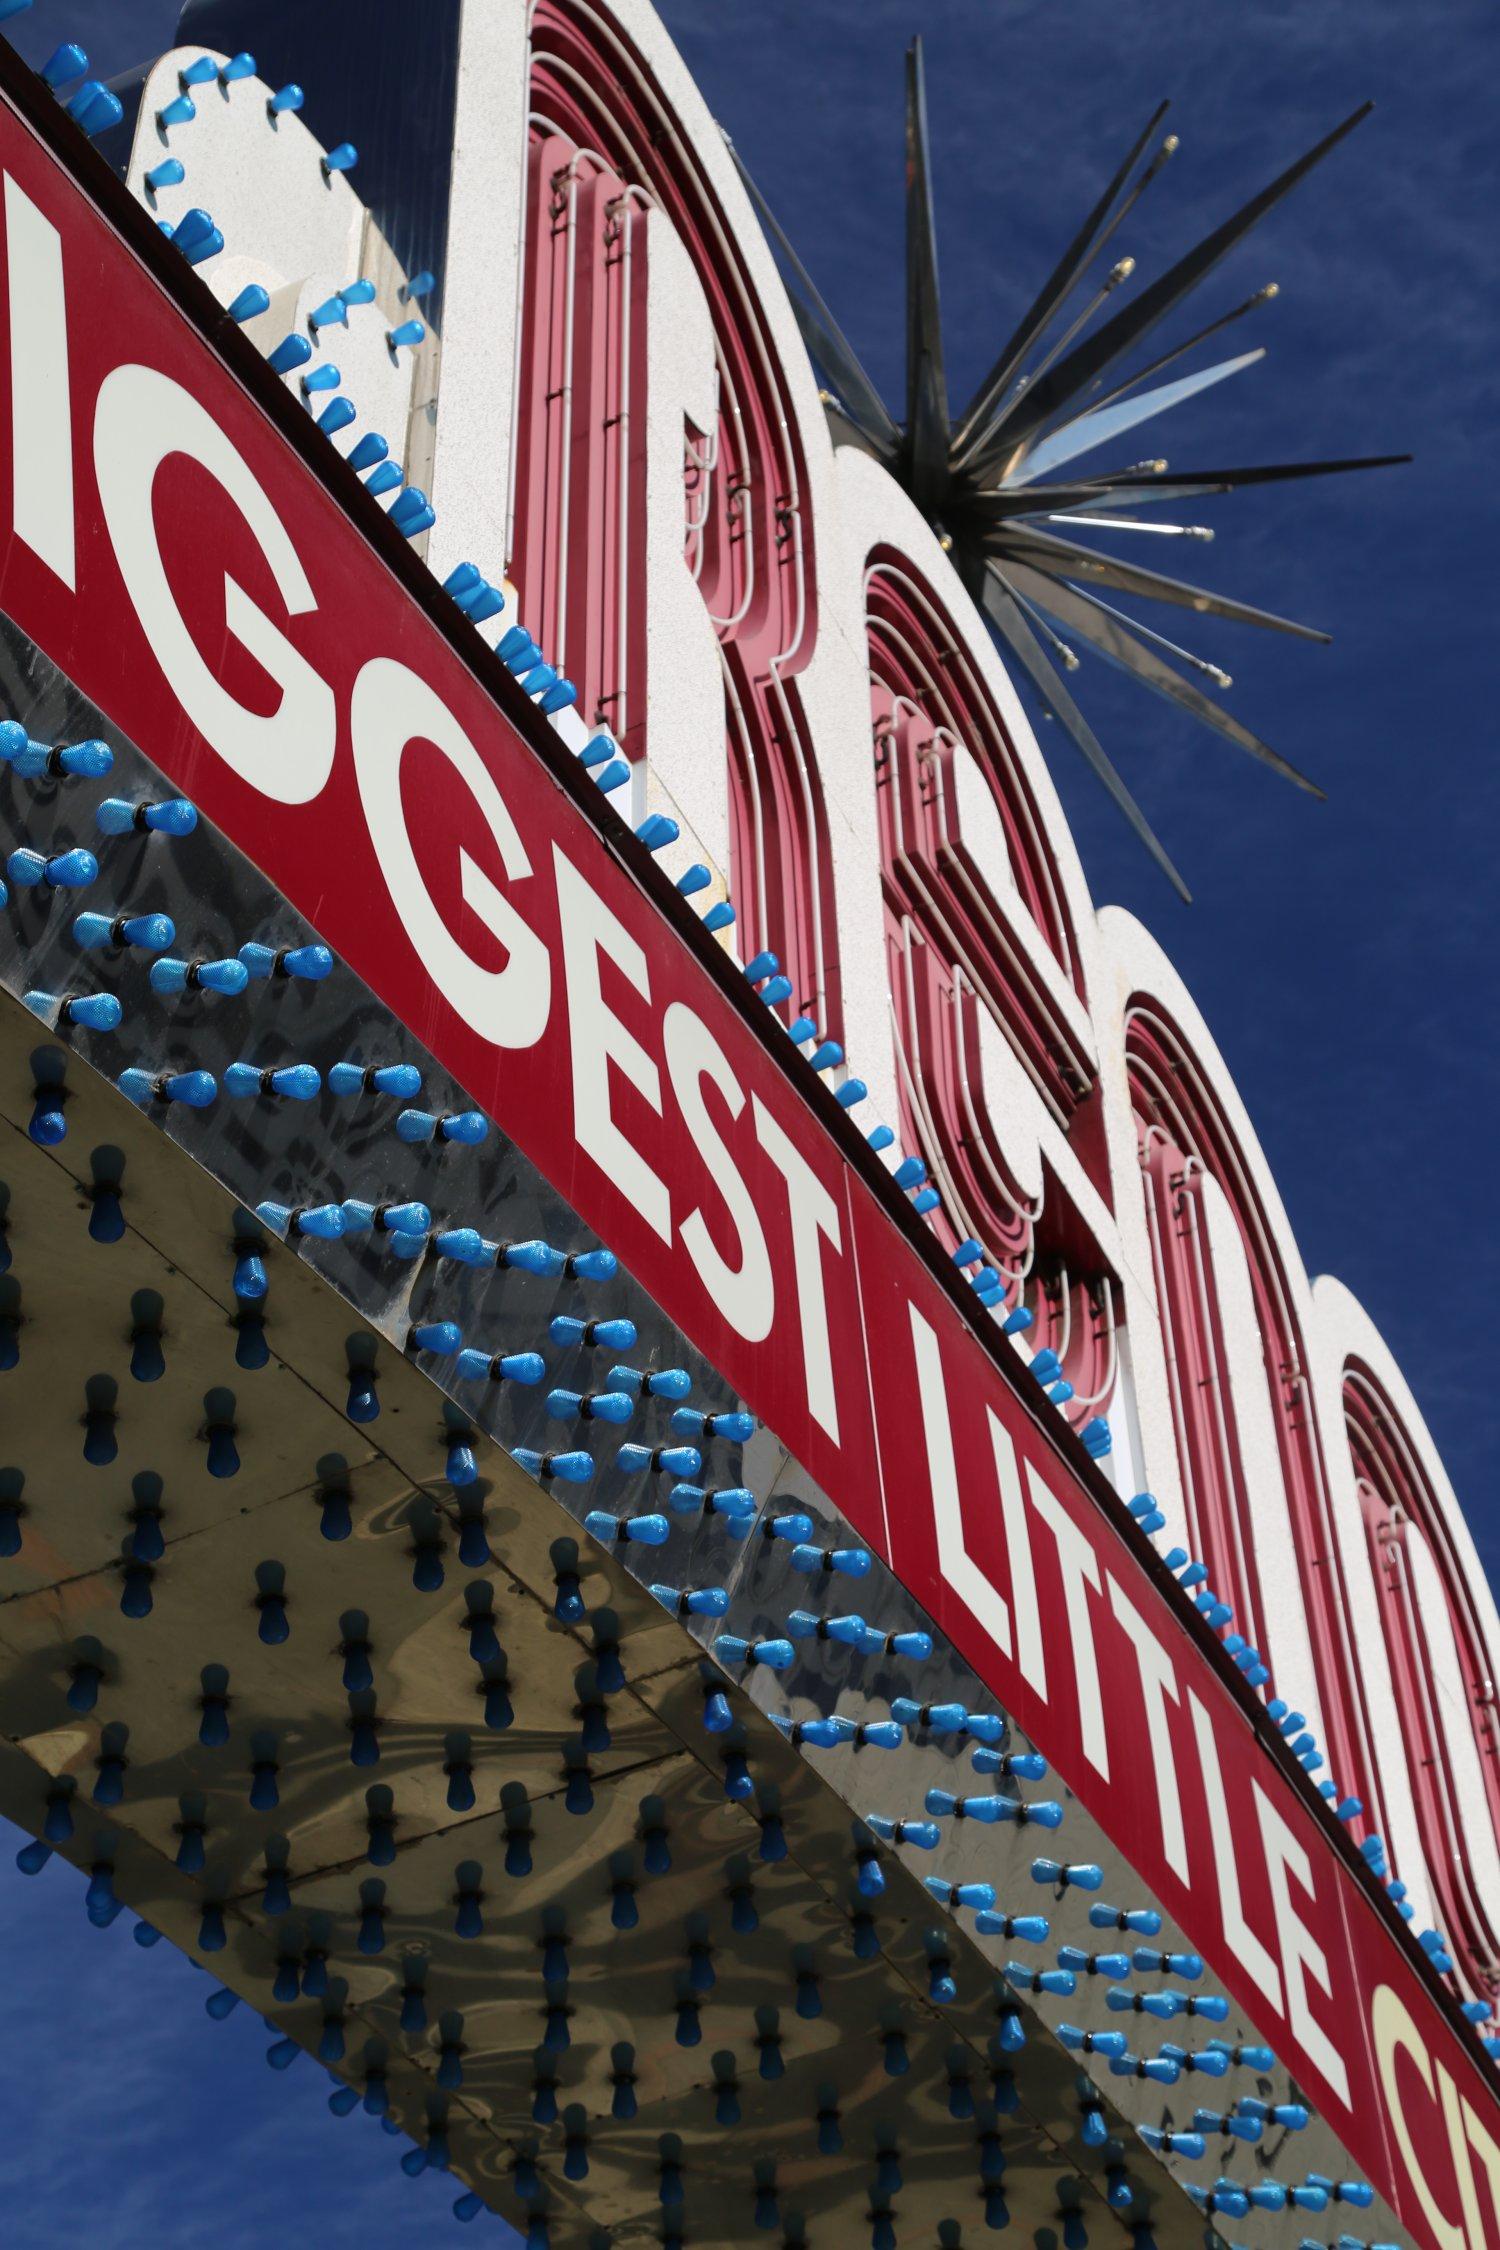 Reno problem gambling center reno nv weeling casino